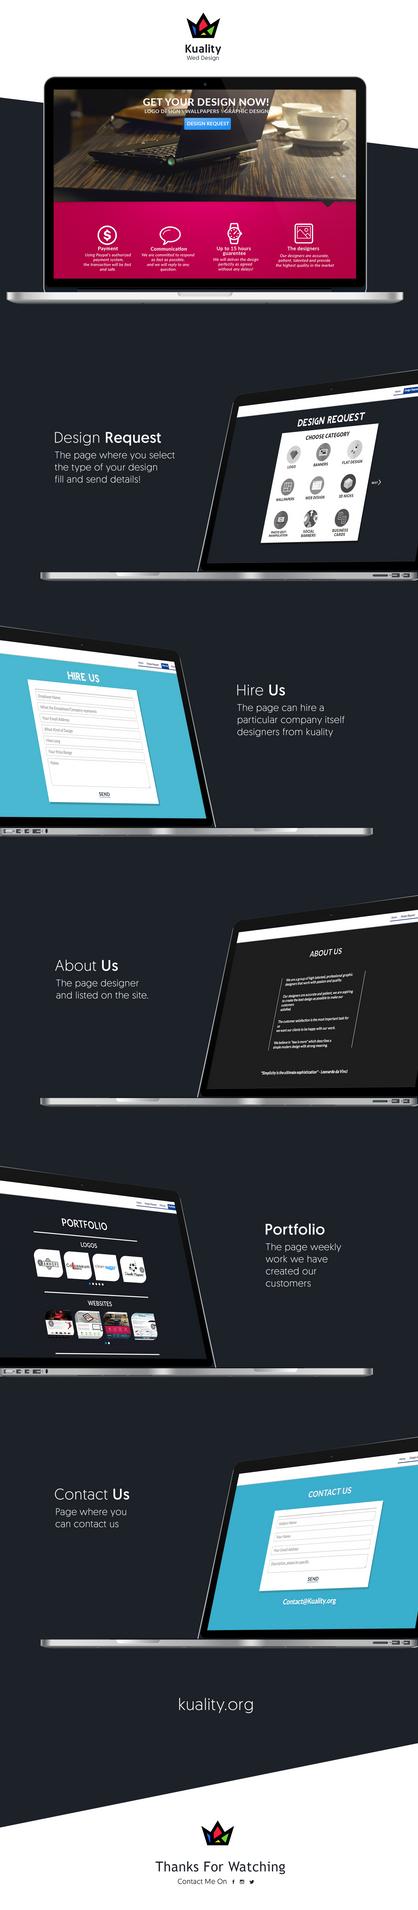 Kuality Web Design by MarkARTGD